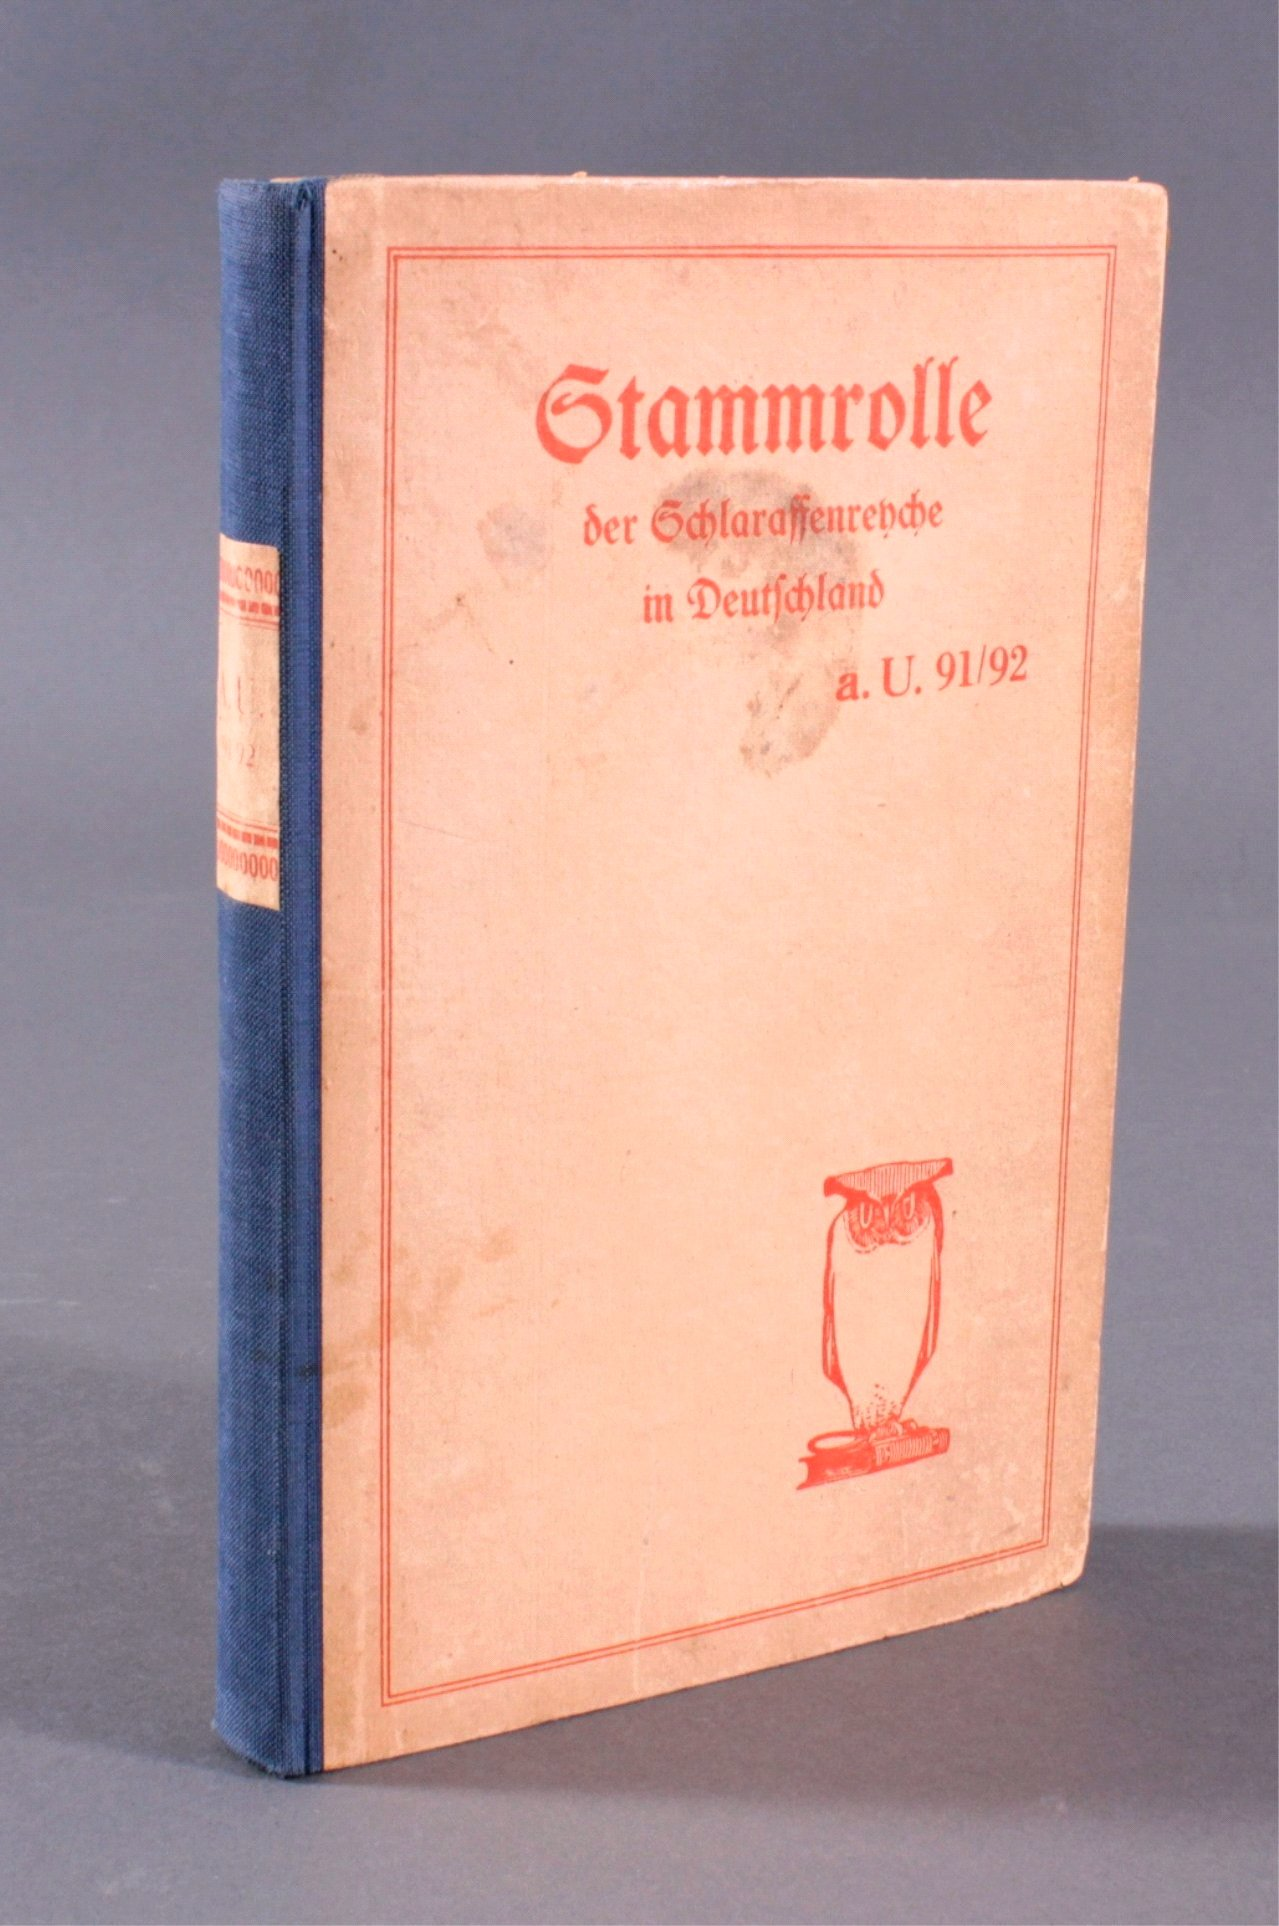 Stammrolle der Schlaraffenrenche in Deutschland a.U.91/92